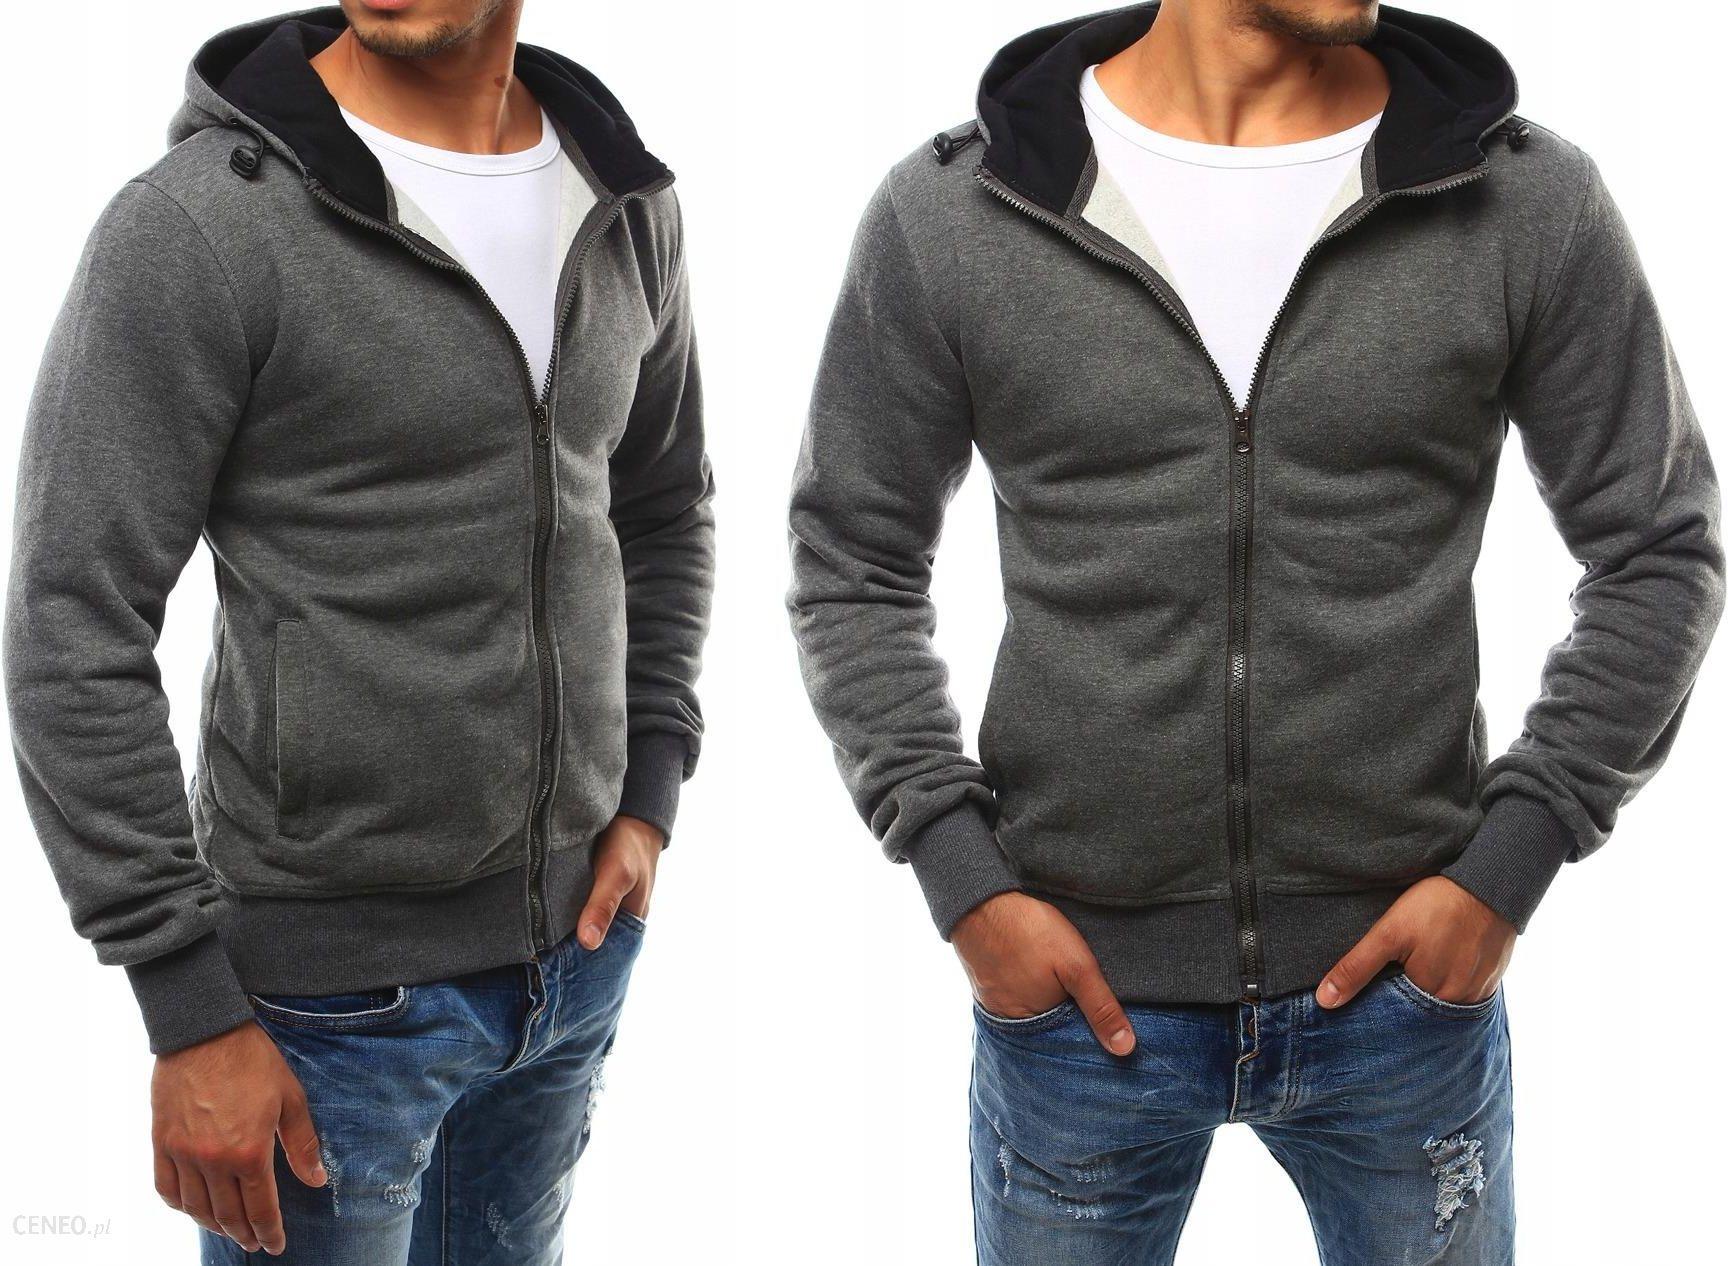 Bluza rozpinana ADIDAS SKATEBOARDING z kapturem XL Zdjęcie